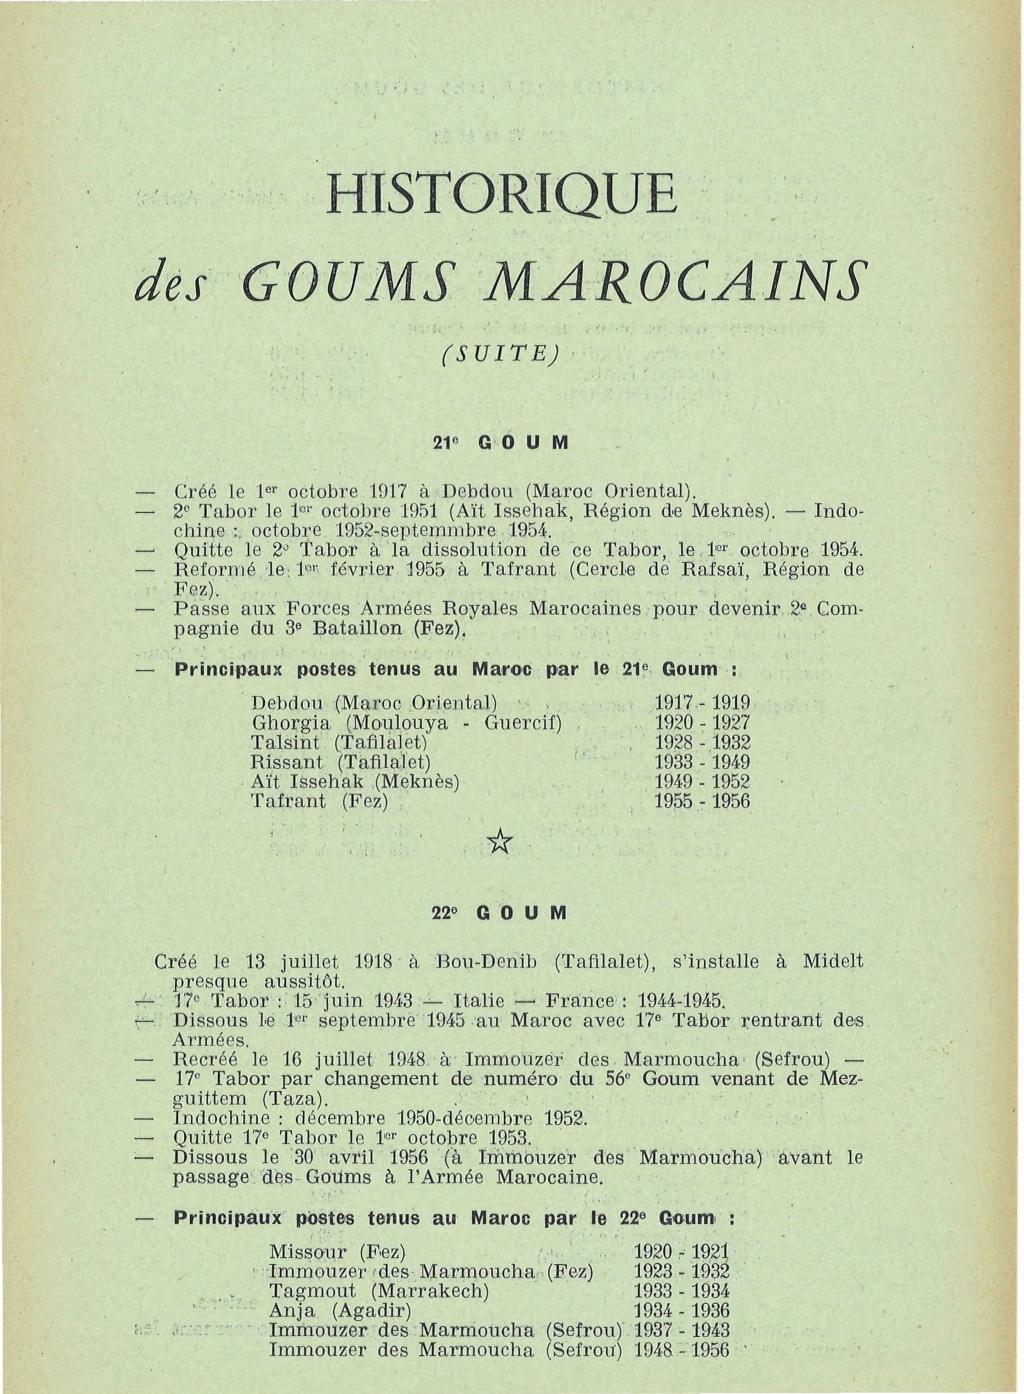 12 mai 1956 - Dissolution des Goumiers & integration aux FAR La_kou18